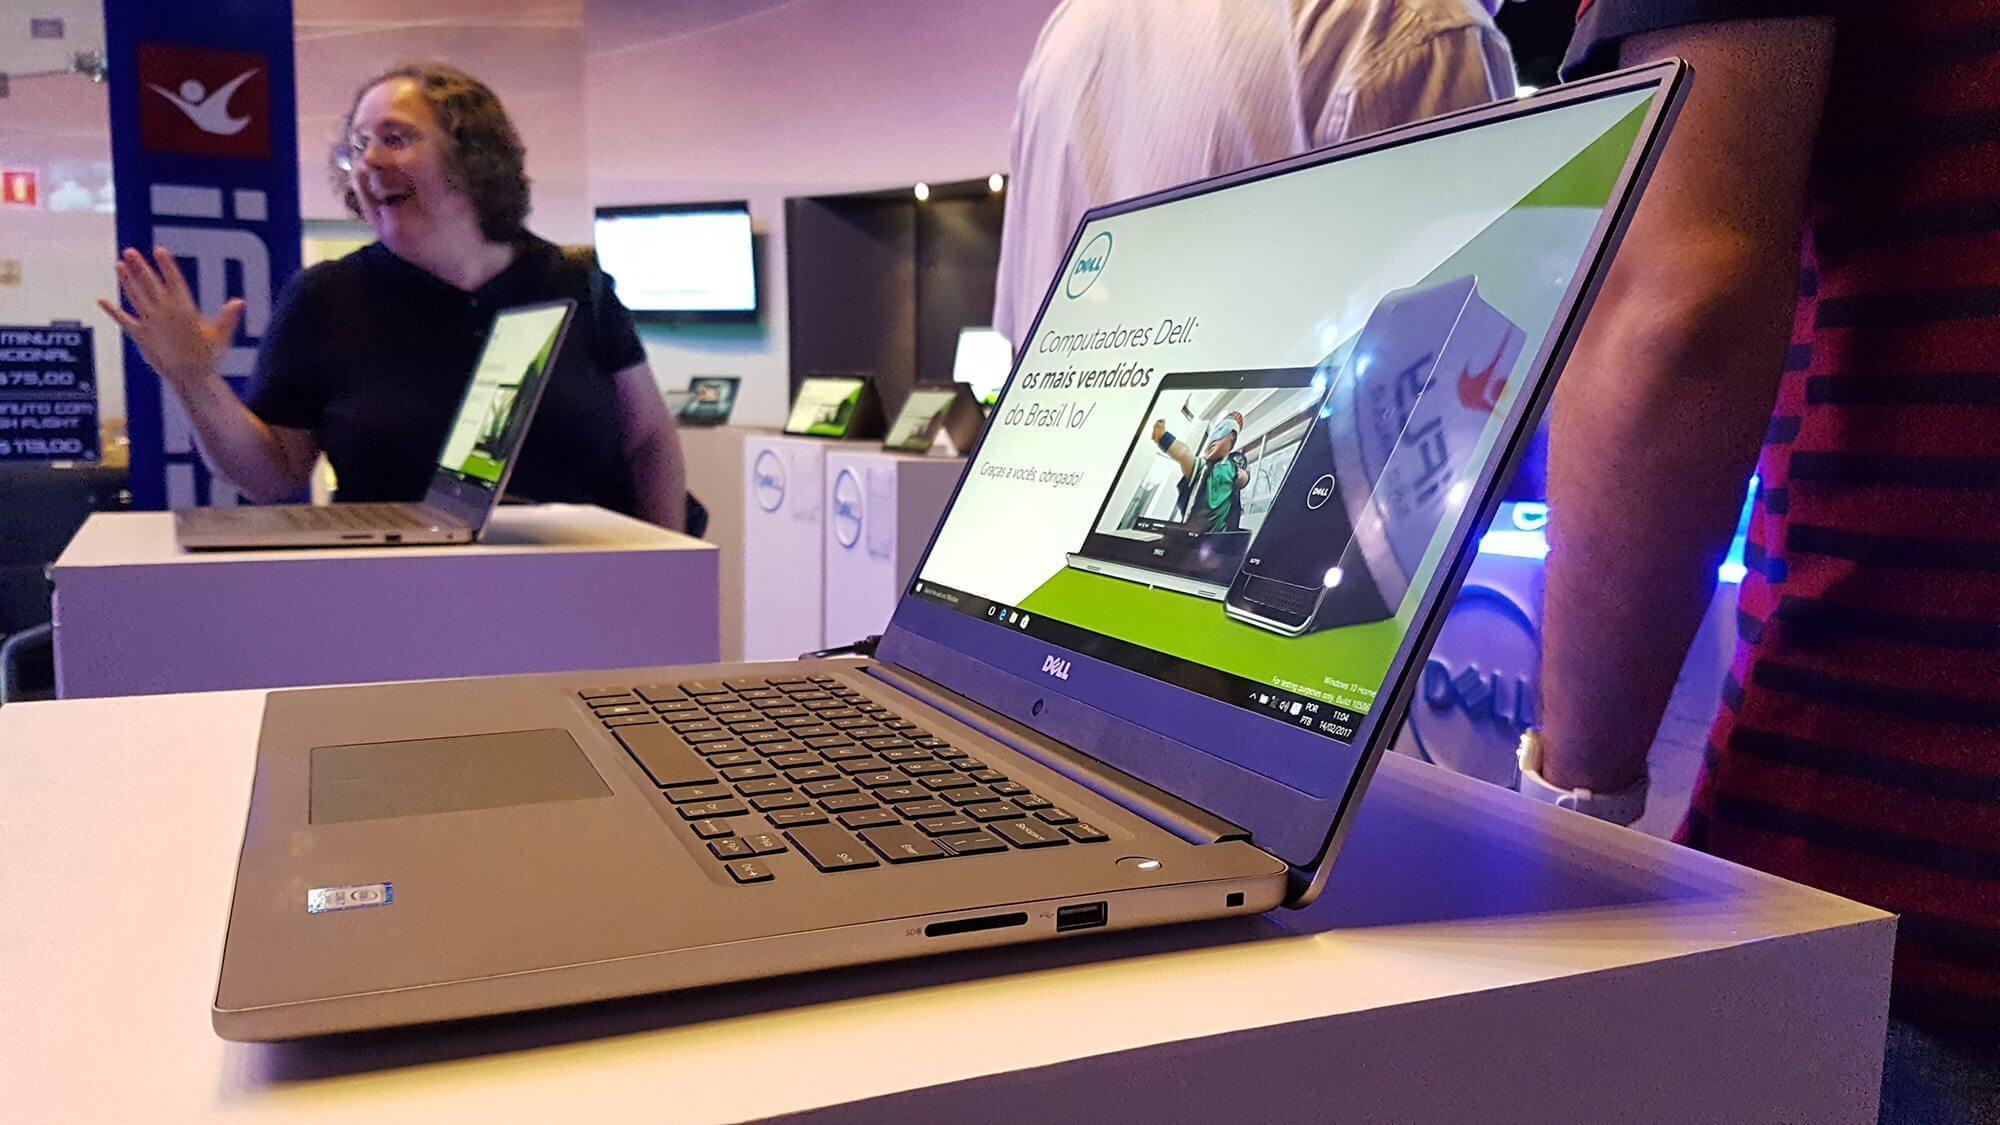 Dell lança no Brasil notebooks finos e poderosos com 14 e 15 polegadas 6